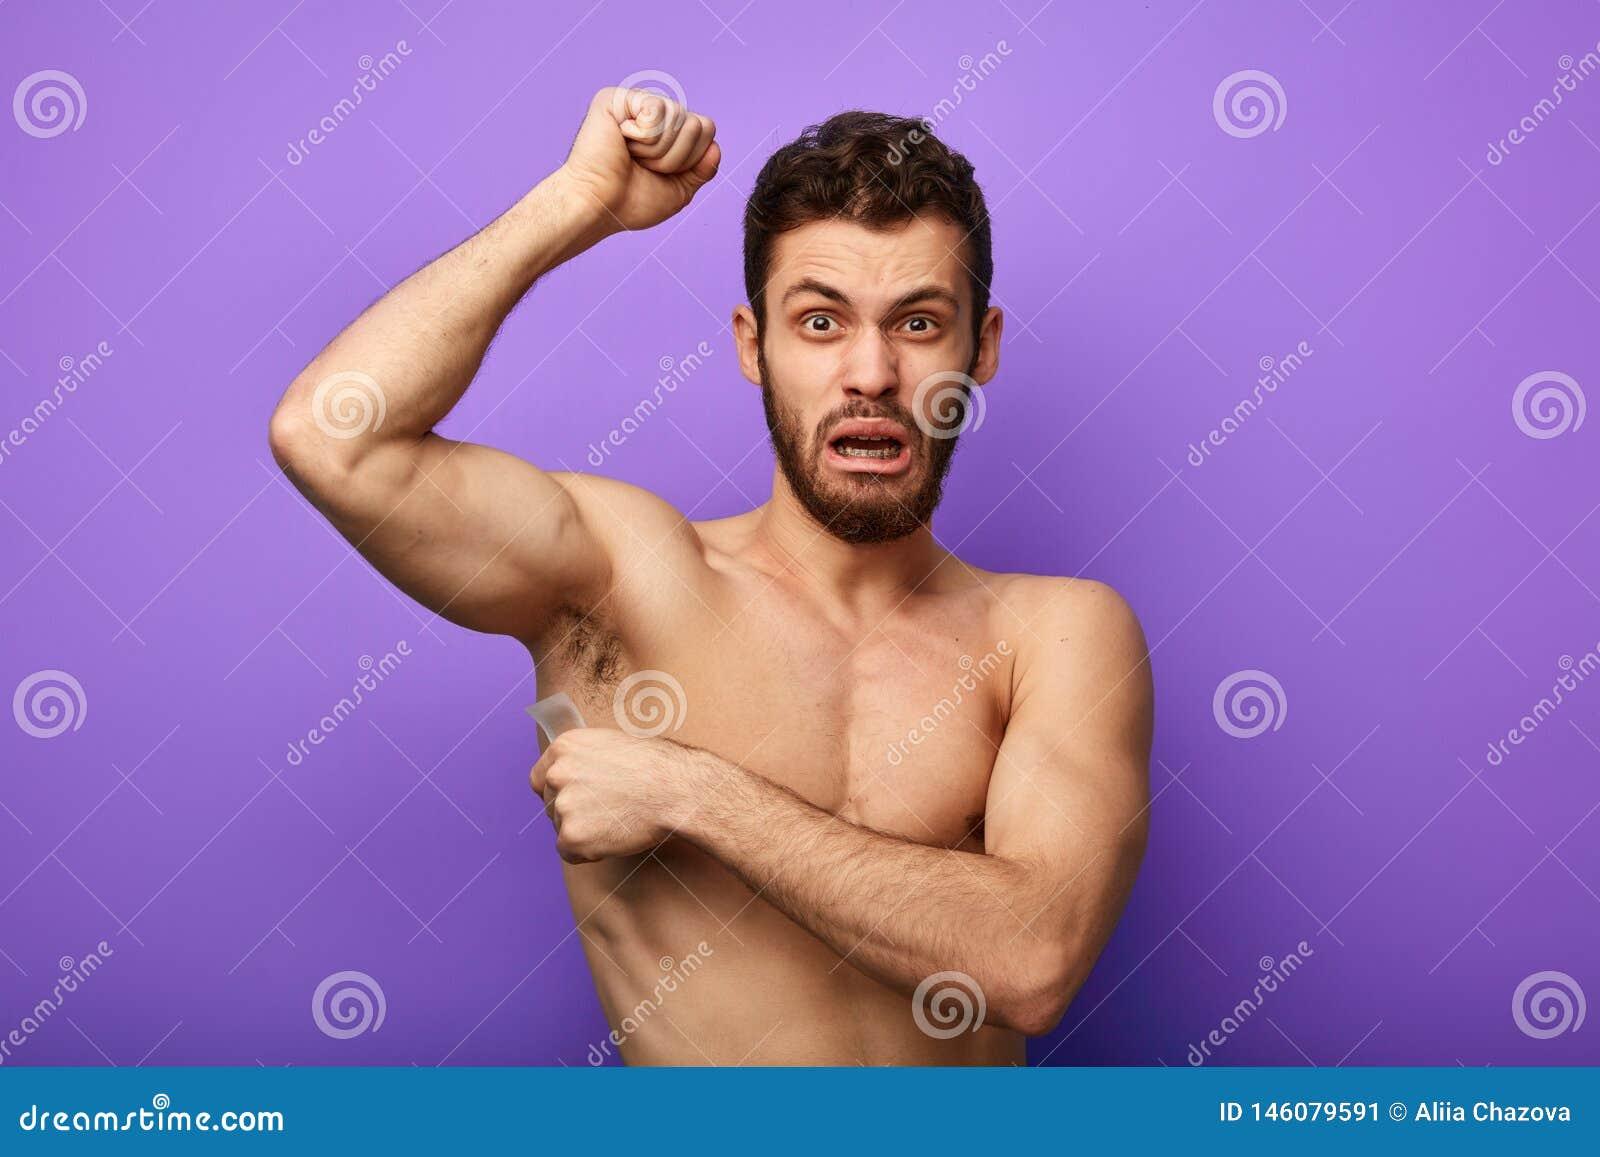 Man waxing his armpits to depilate hair